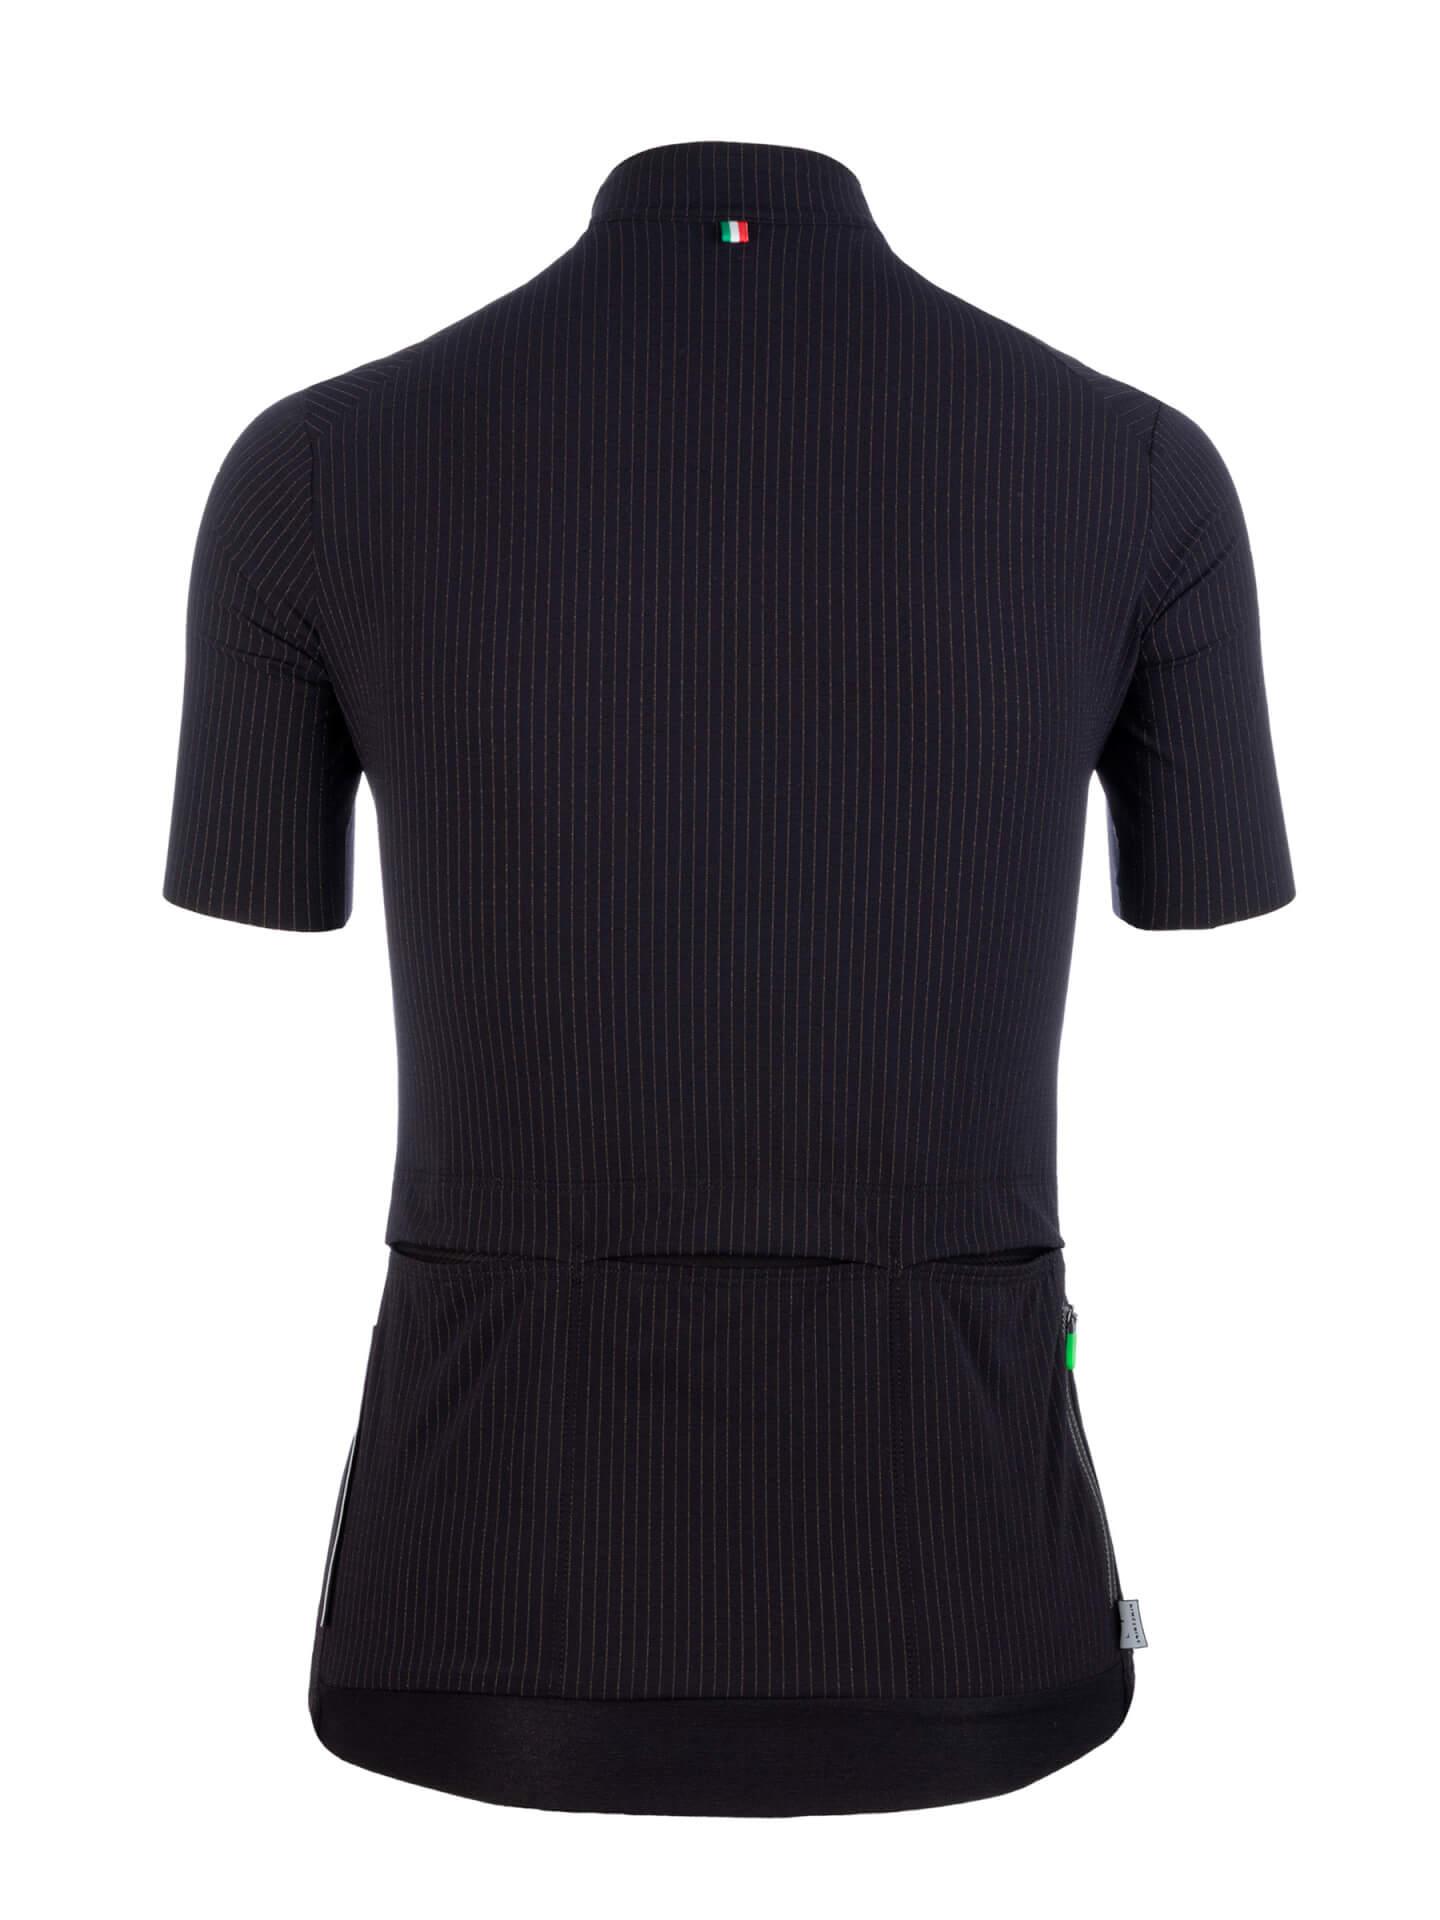 Jersey L1 Woman Pinstripe X Black